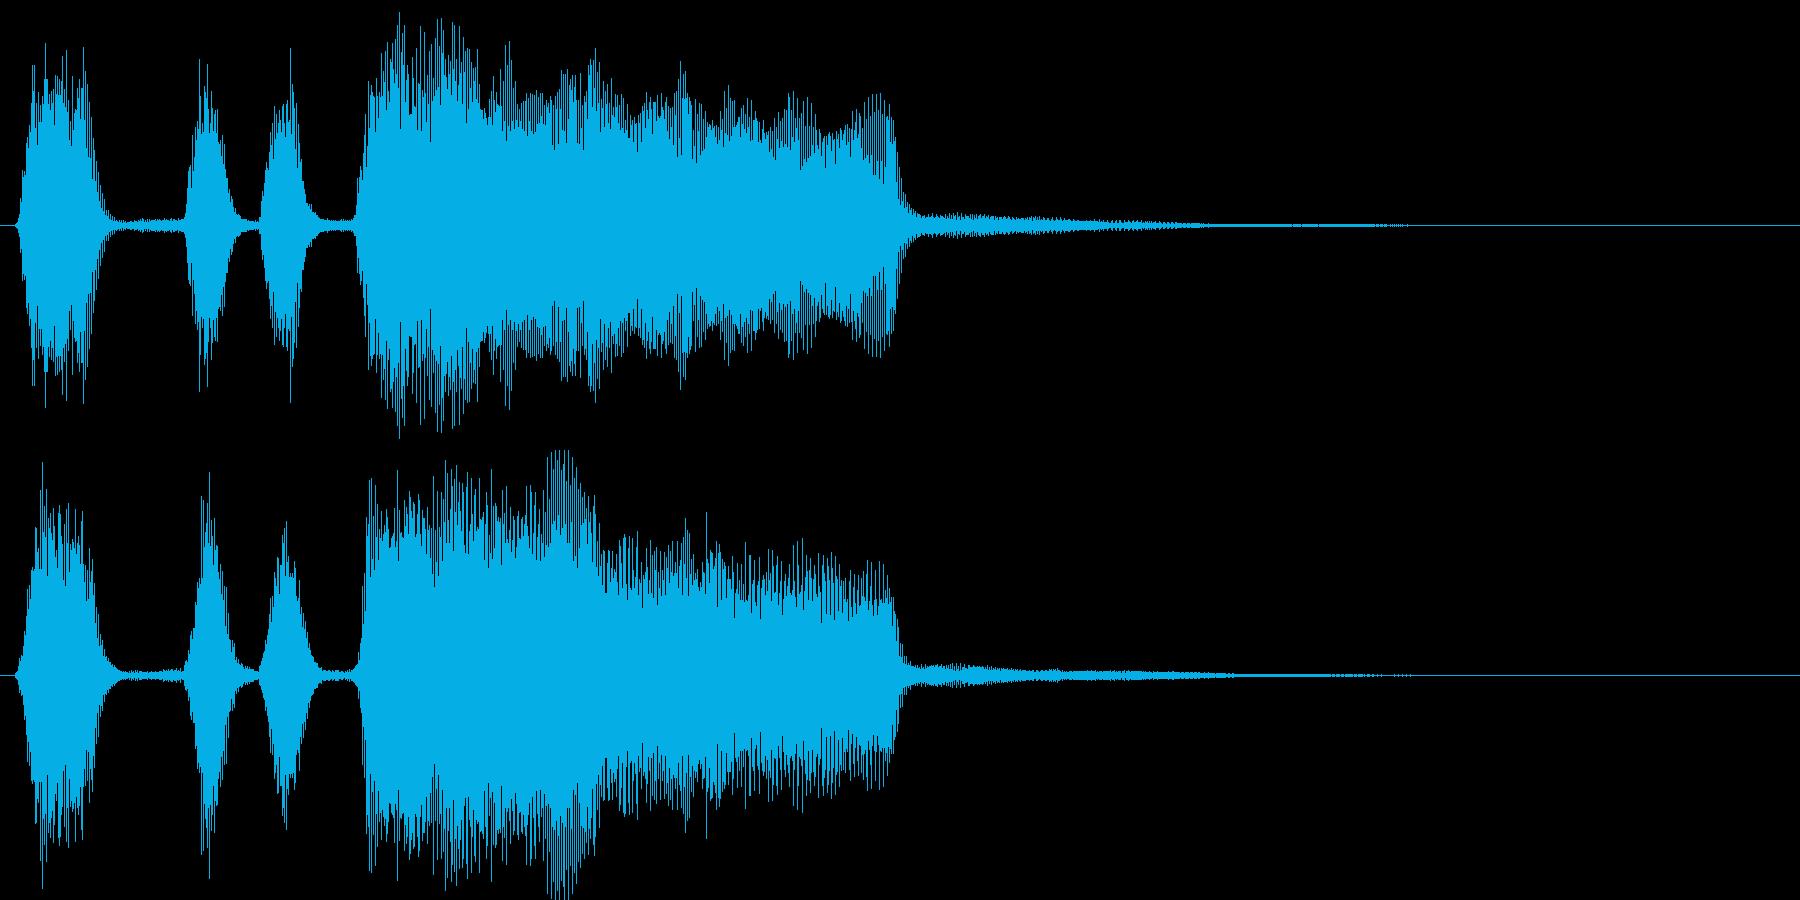 パンパカパーン(シンプルファンファーレ)の再生済みの波形